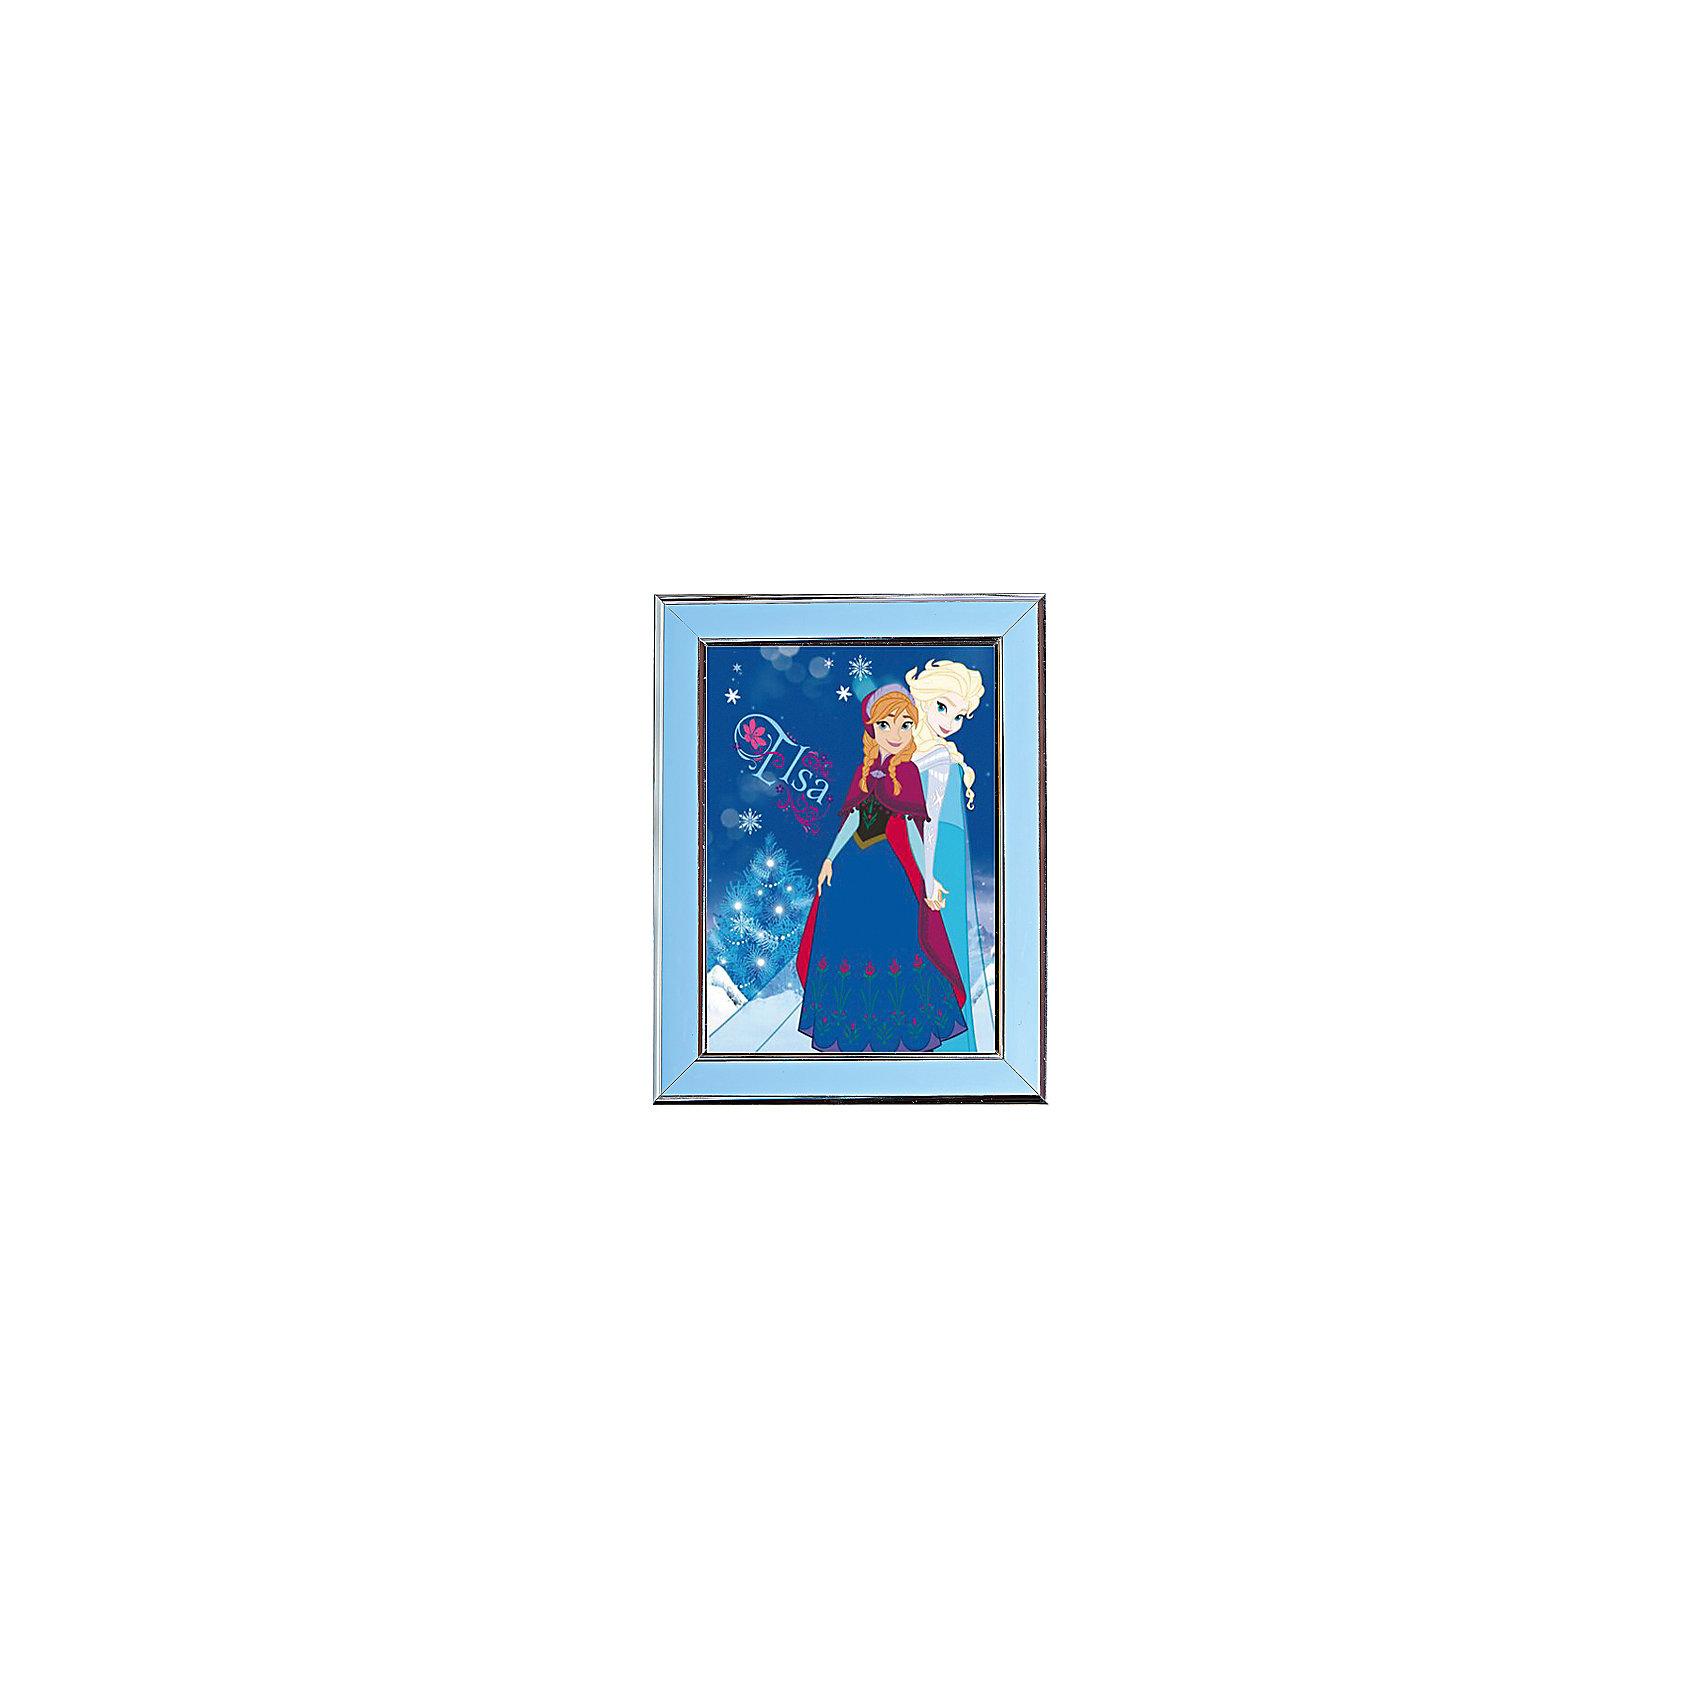 Мозаичная картина ПринцессаМозаика<br>Мозаичная картина Принцесса. <br><br>Характеристика: <br><br>• Материал: картон, пластик, клей. <br>• Размер картинки: 17х21 см. <br>• Размер мозаичного элемента: 2,5 мм. <br>• Комплектация: контейнер для элементов мозаики, мозаичные элементы, специальный клеевой карандаш, трафарет со схемой рисунка, декоративная пластиковая рамка с оргстеклом. <br>• Яркие, насыщенные цвета. <br>• Отлично развивает моторику рук, внимание, мышление и воображение. <br><br>Создание картины из мозаики - увлекательное и полезное занятие, в процессе которого ребенок сможет развить моторику рук, внимание, усидчивость, цветовосприятие и воображение. В этом наборе уже есть все для создания маленького шедевра! Нужно лишь приклеить мозаичные элементы на основу с нанесенным контуром - и яркая картинка готова.<br><br>Мозаичную картину Принцесса можно купить в нашем магазине.<br><br>Ширина мм: 200<br>Глубина мм: 225<br>Высота мм: 30<br>Вес г: 250<br>Возраст от месяцев: 84<br>Возраст до месяцев: 36<br>Пол: Унисекс<br>Возраст: Детский<br>SKU: 5417622